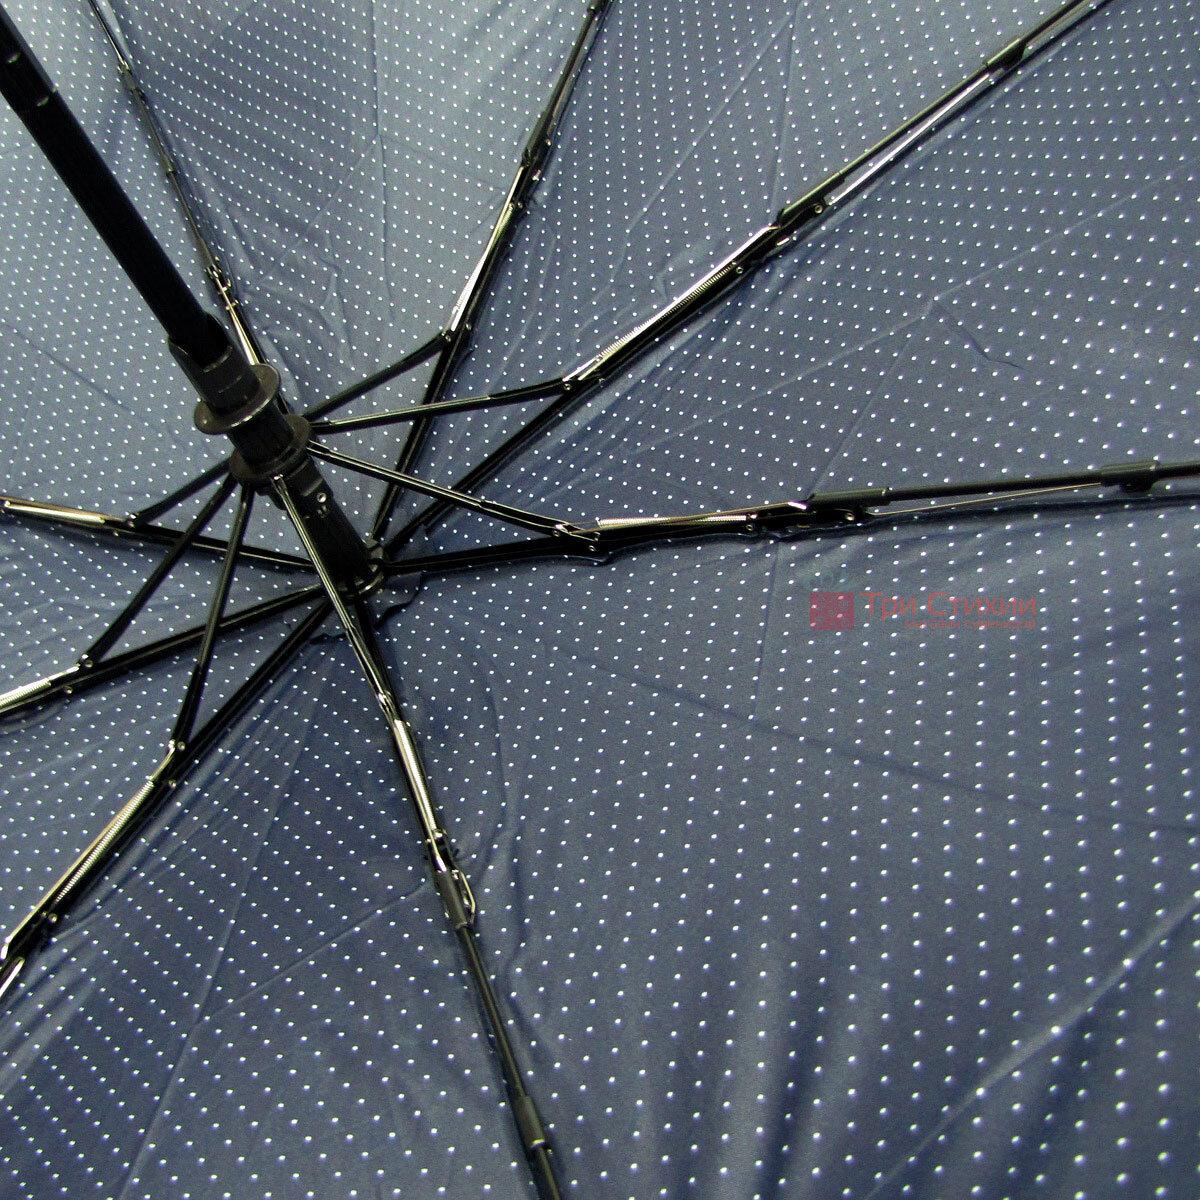 Зонт складной Doppler Carbonsteel 744865DT02 автомат Синий, фото 4